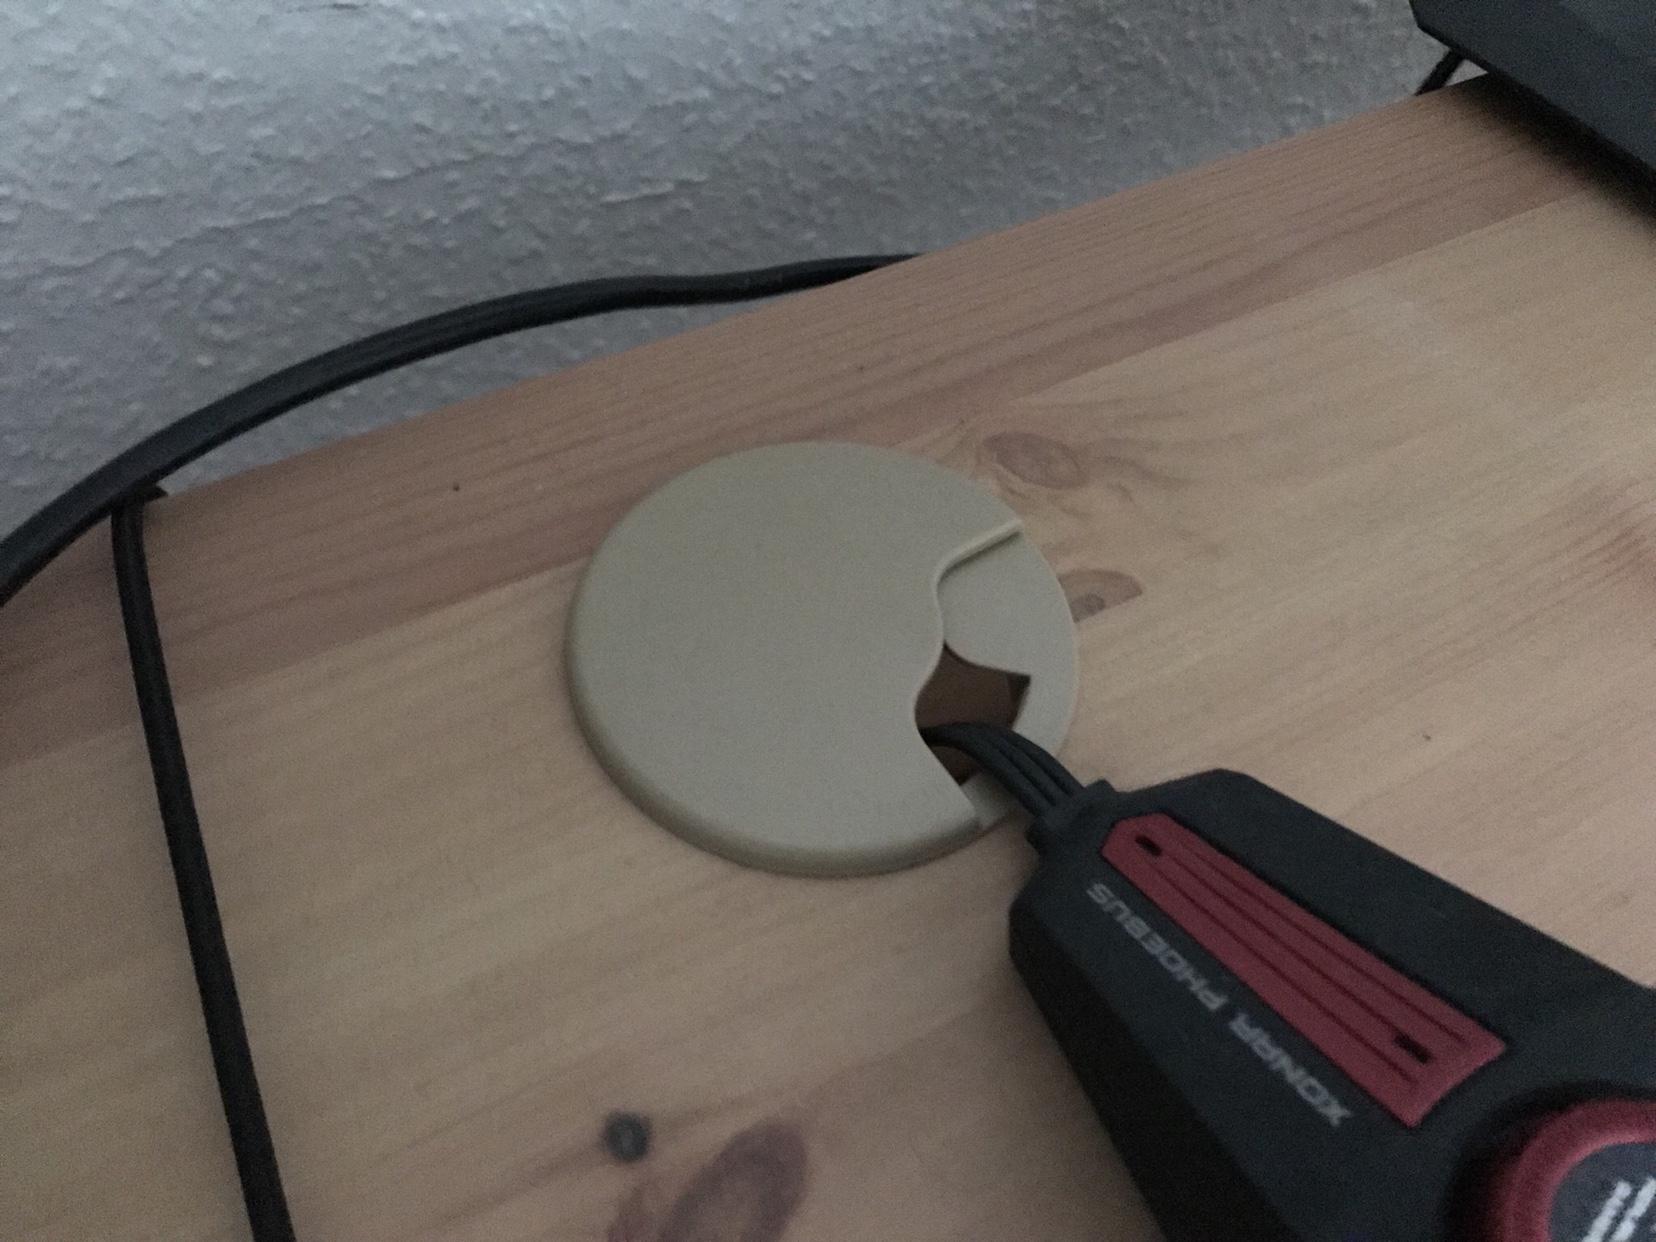 Loch Durch Schreibtisch Bohren Fur Usb Kabel Benotige Hilfe